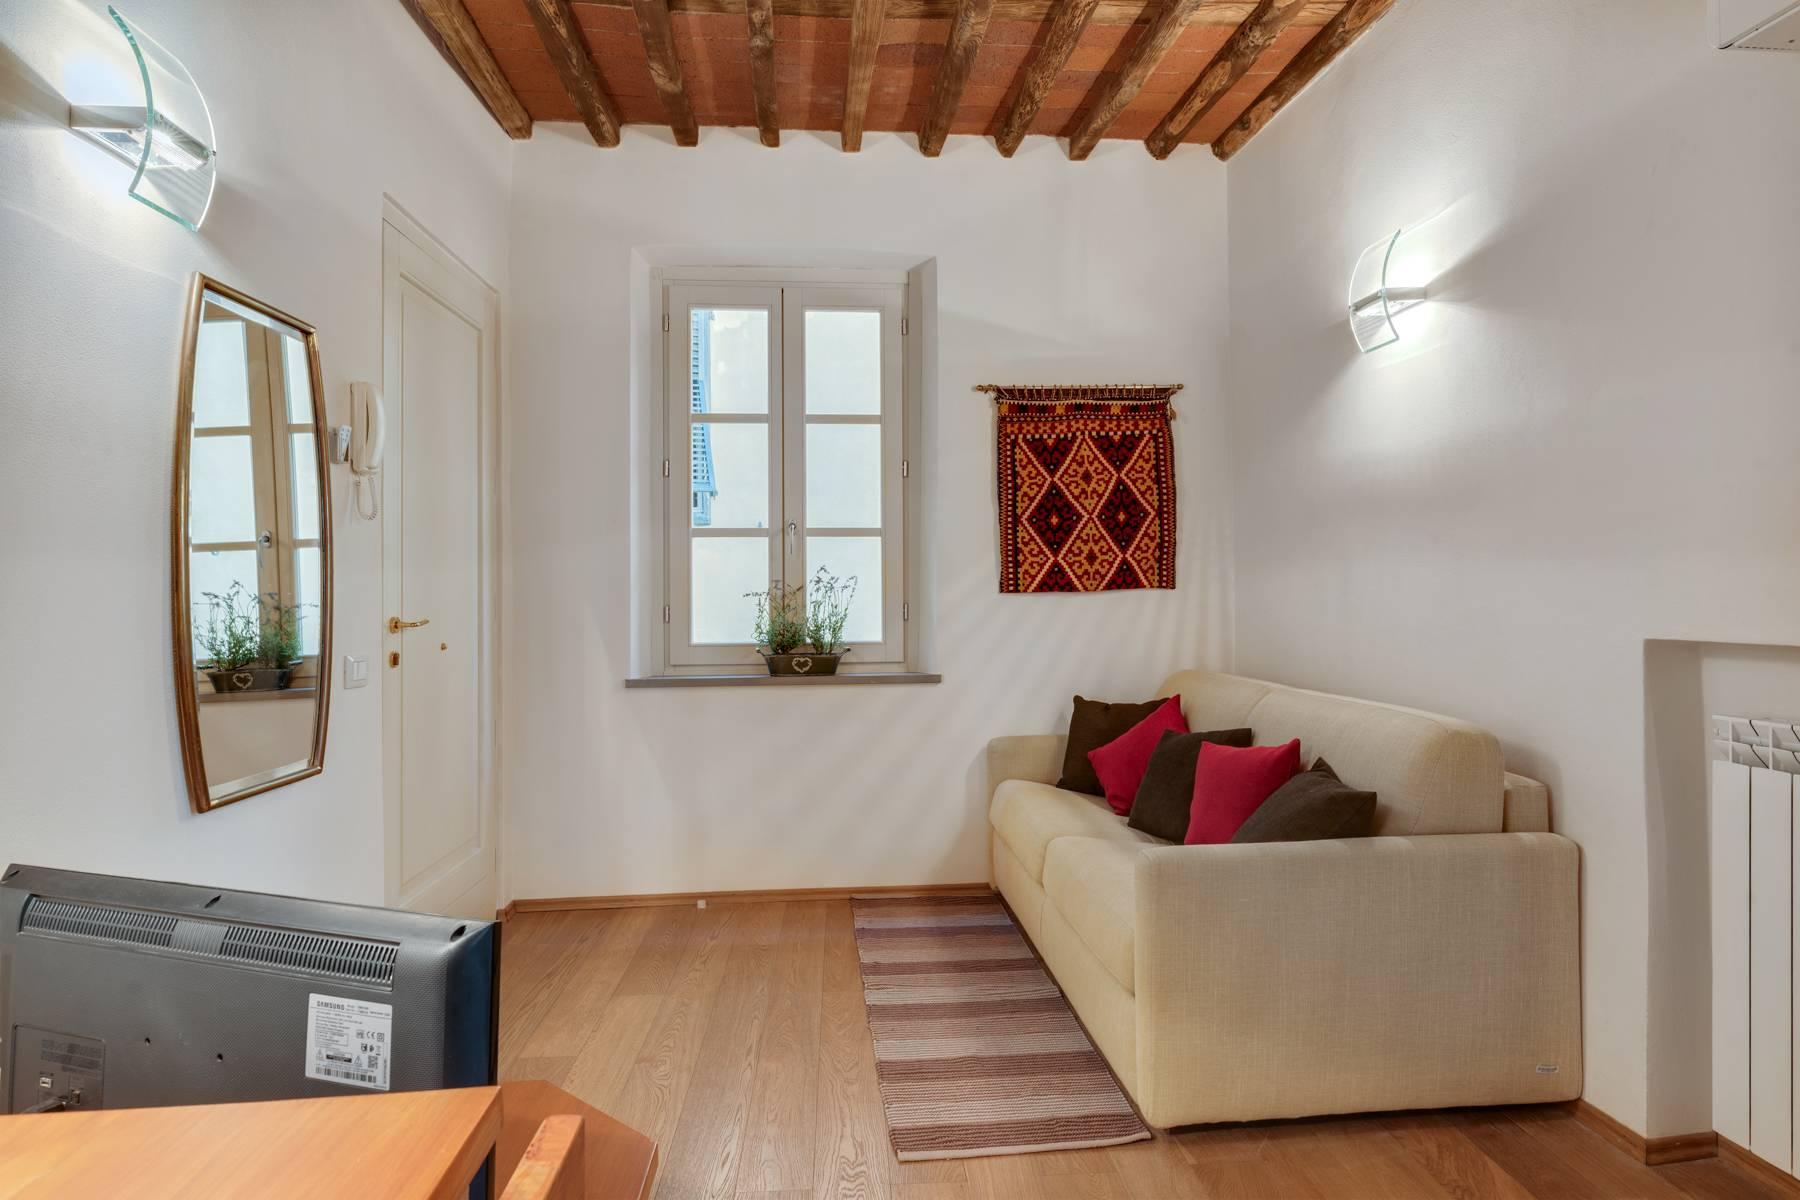 Appartamento in Vendita a Lucca: 4 locali, 120 mq - Foto 15